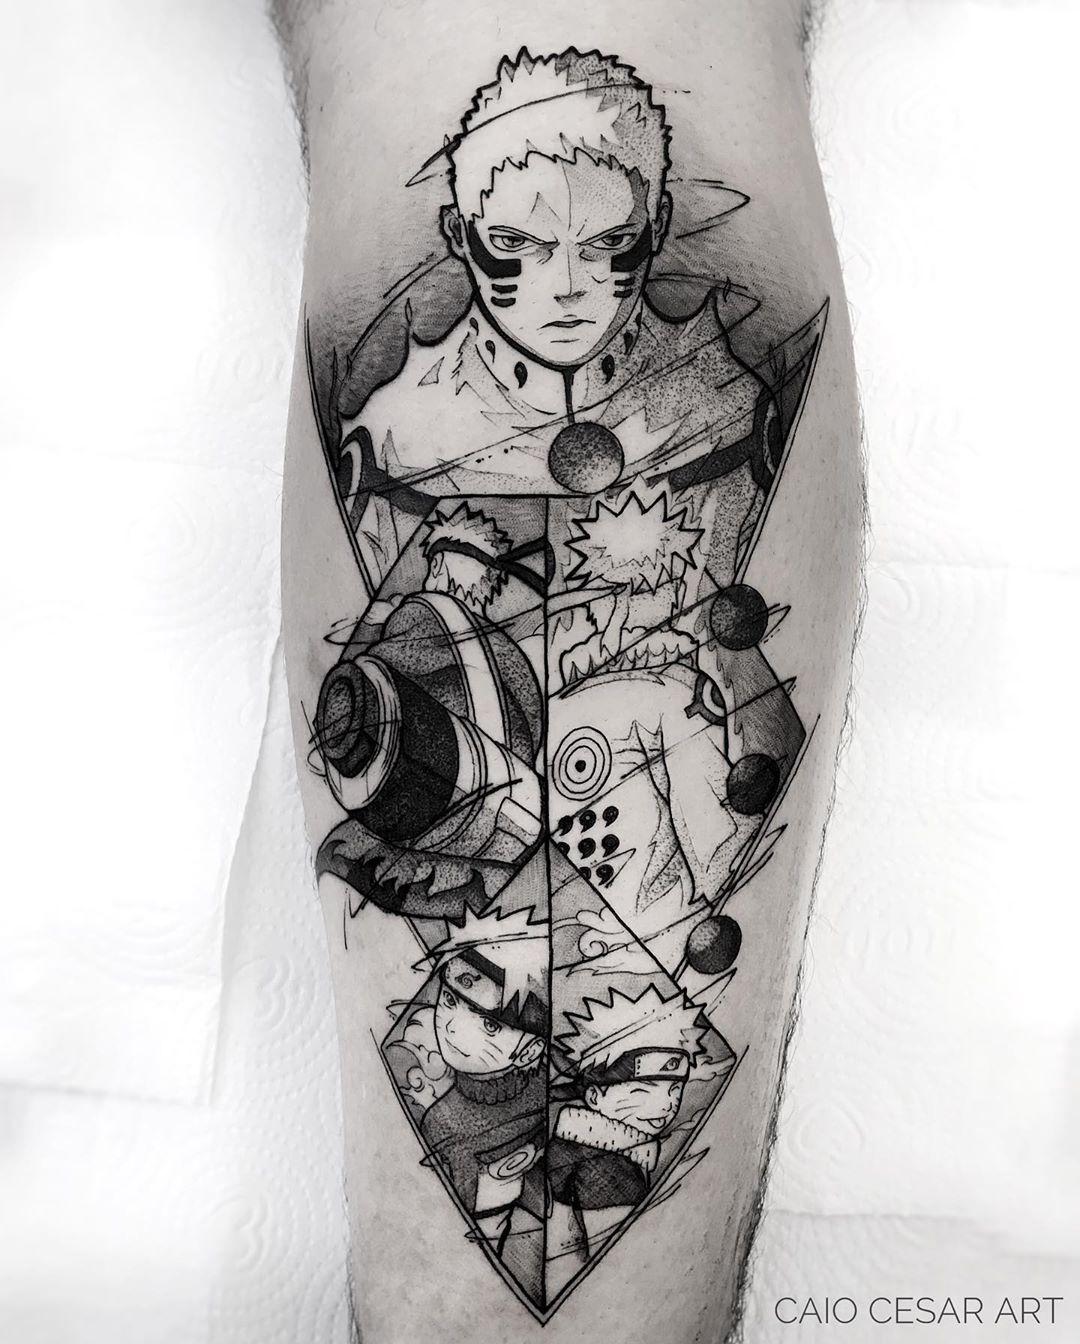 巴西刺青師「只用黑白線條」比動畫還精緻 龜派氣功成功發射!